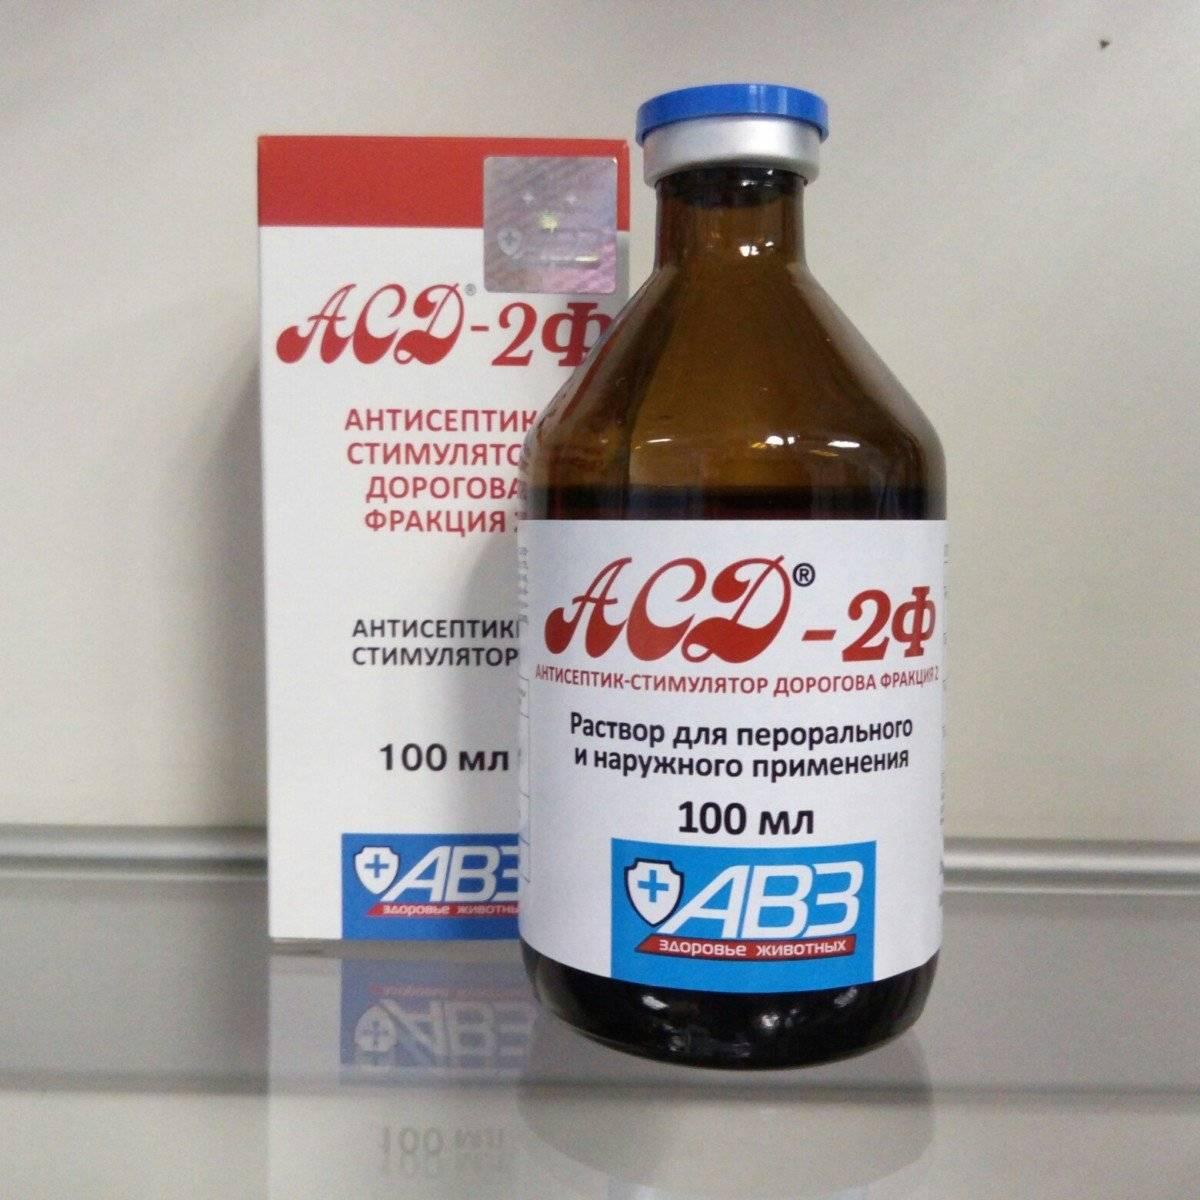 Асд фракция 2 лечение простатита отзывы настойка тополя при простатите